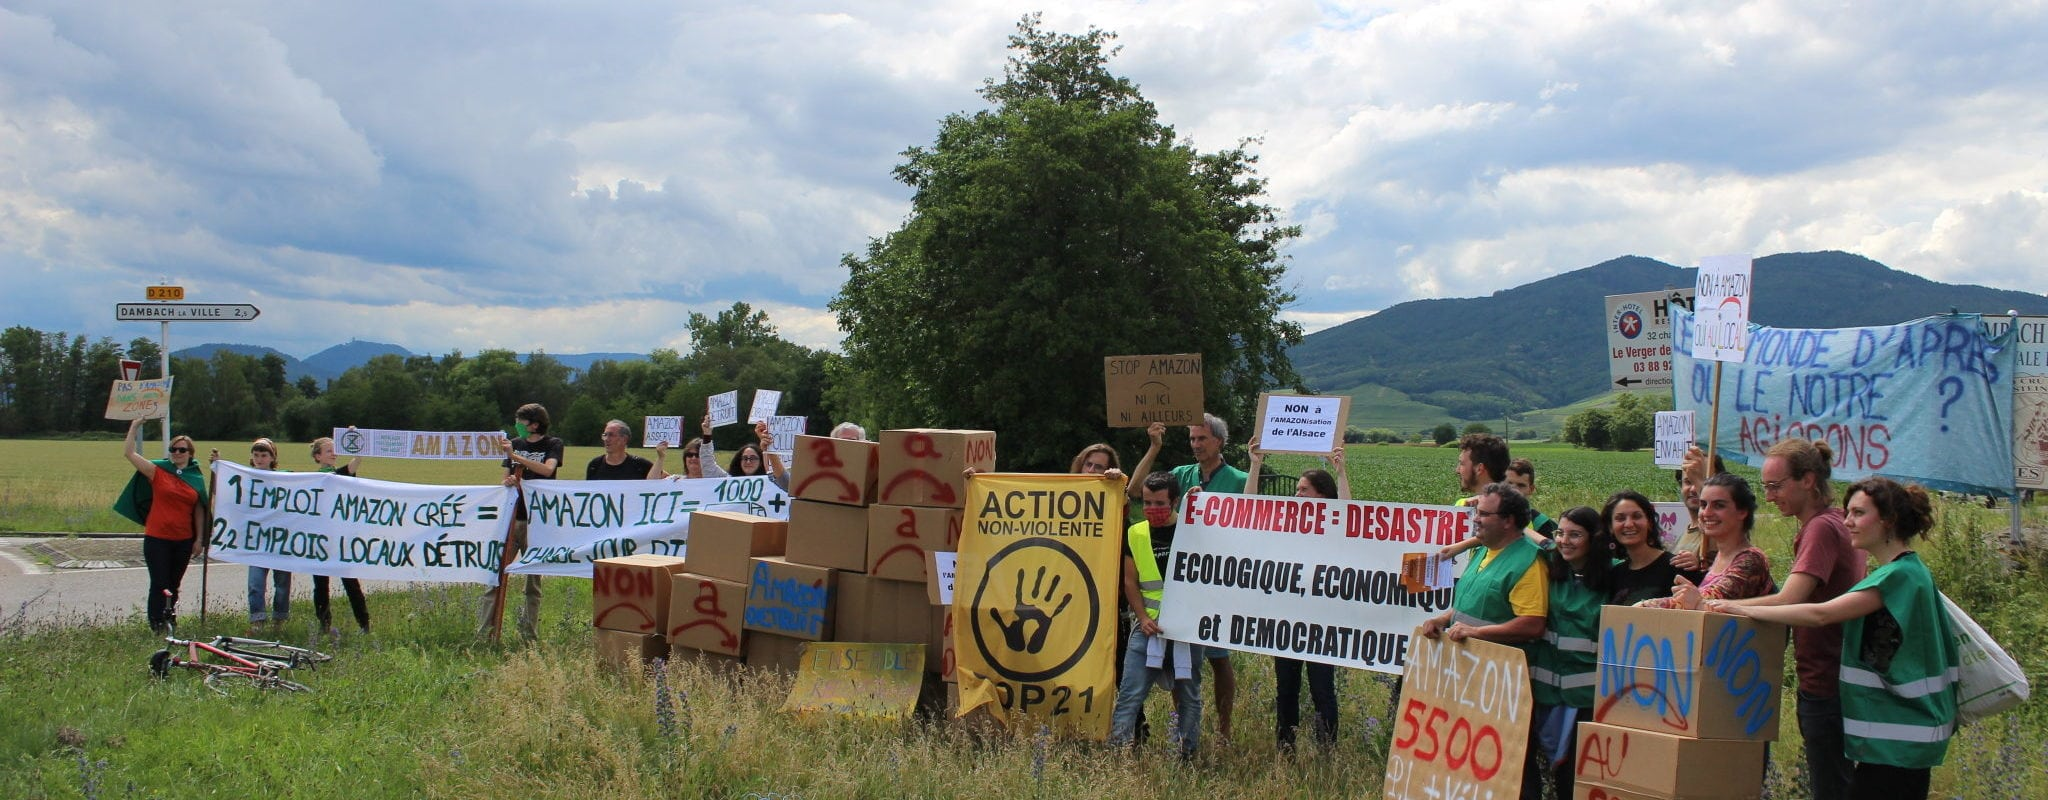 À Barr, première manifestation contre Amazon samedi 11 juillet